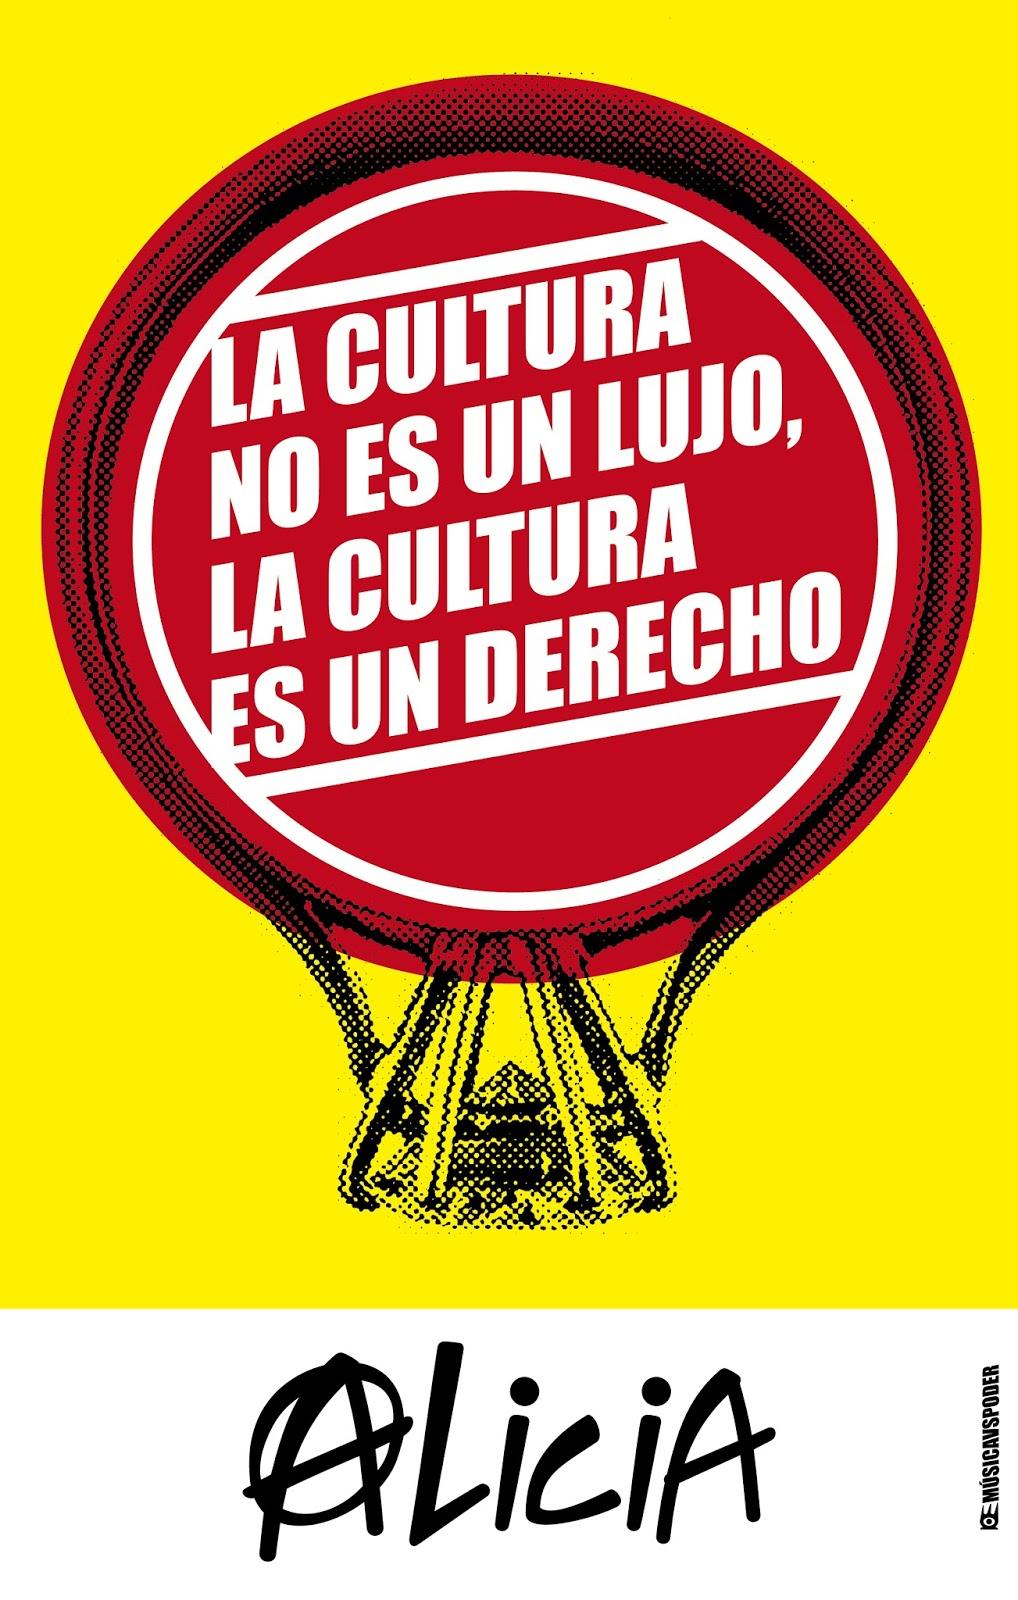 La cultura no es un lujo, la cultura es un derecho